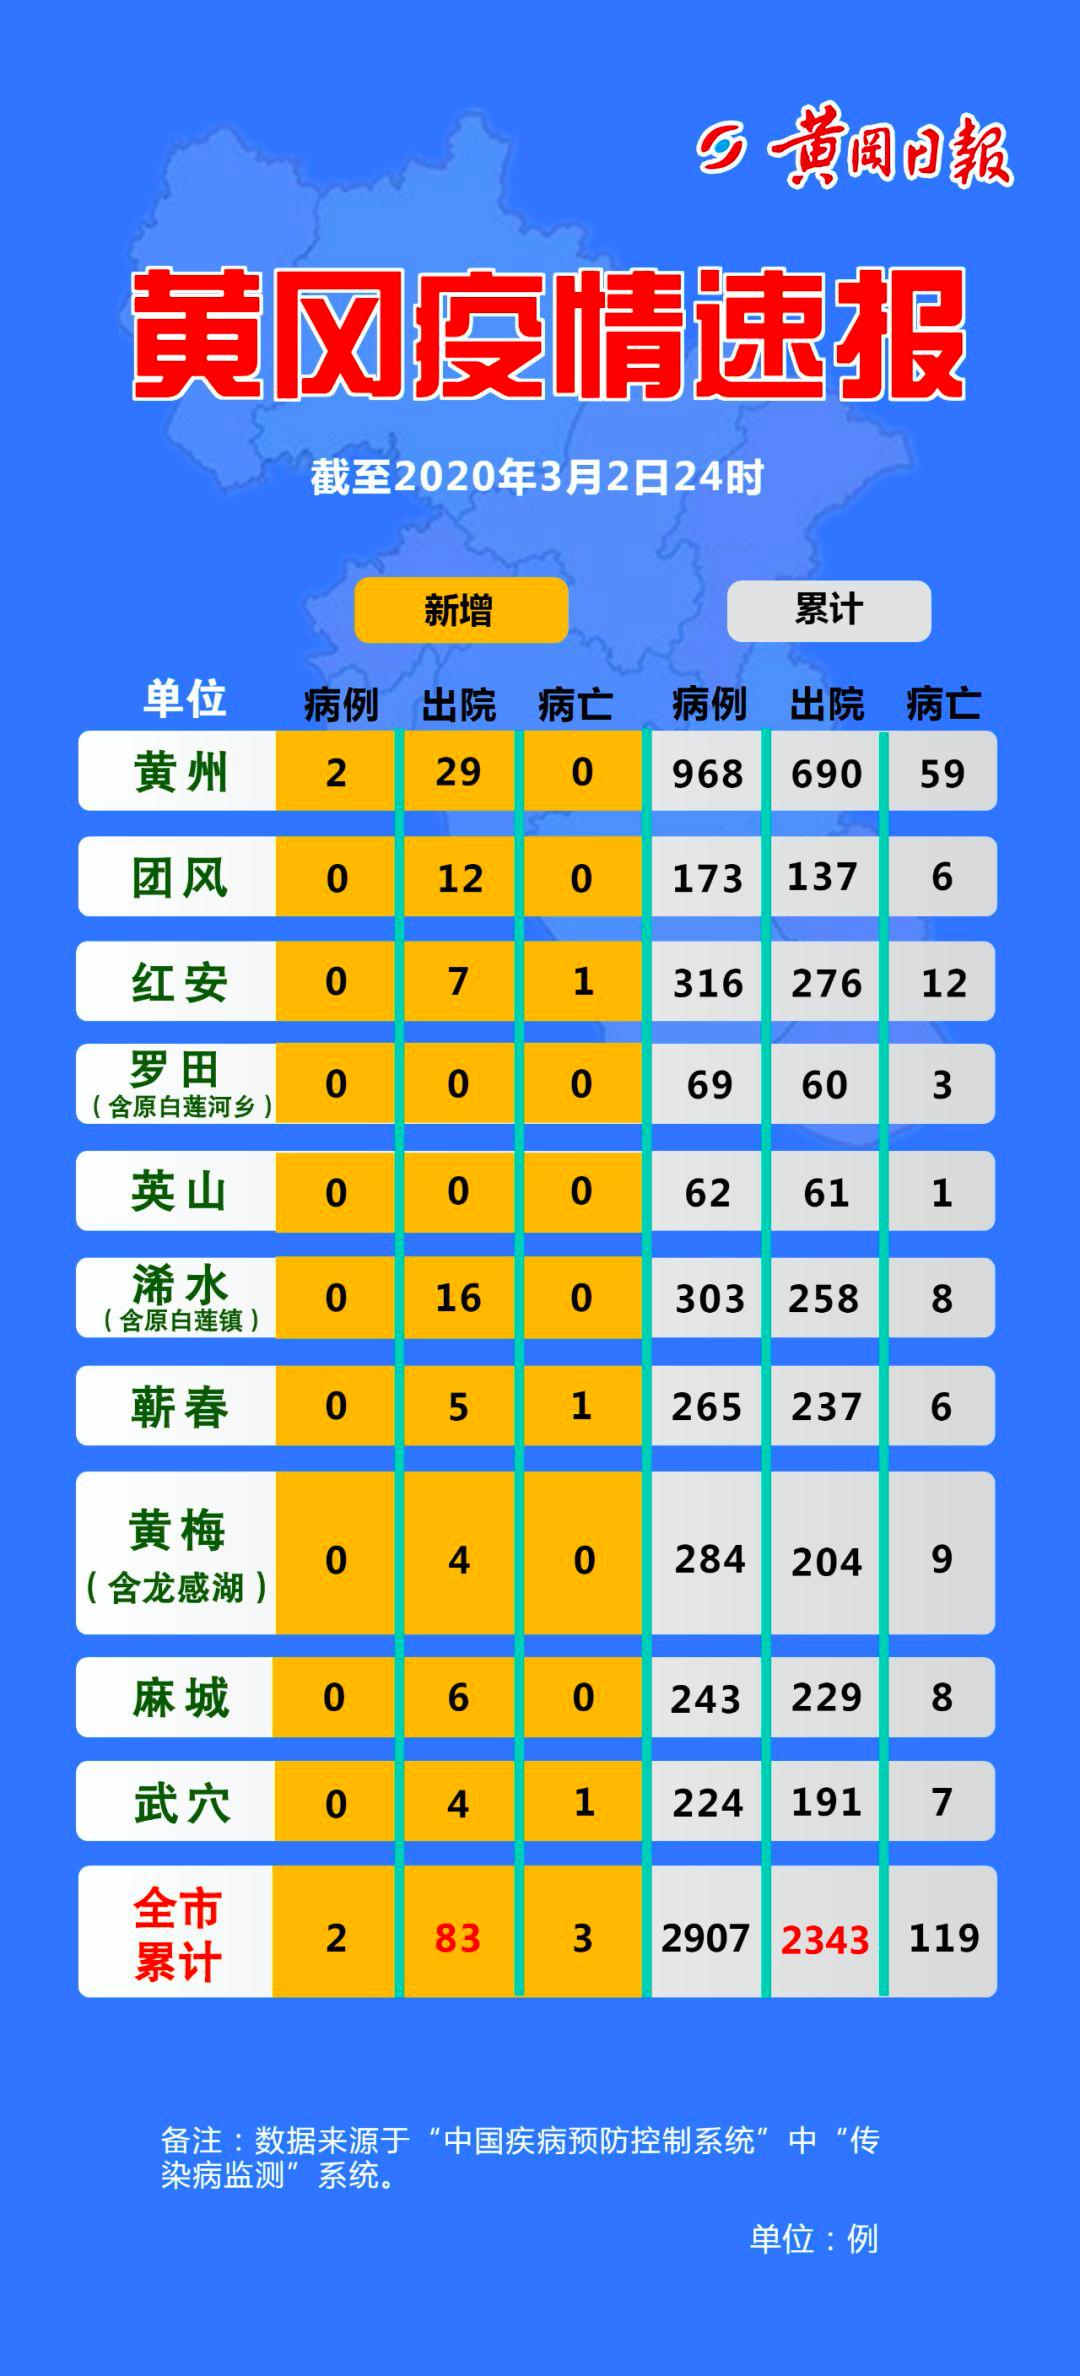 3月3日 黄冈疫情速报